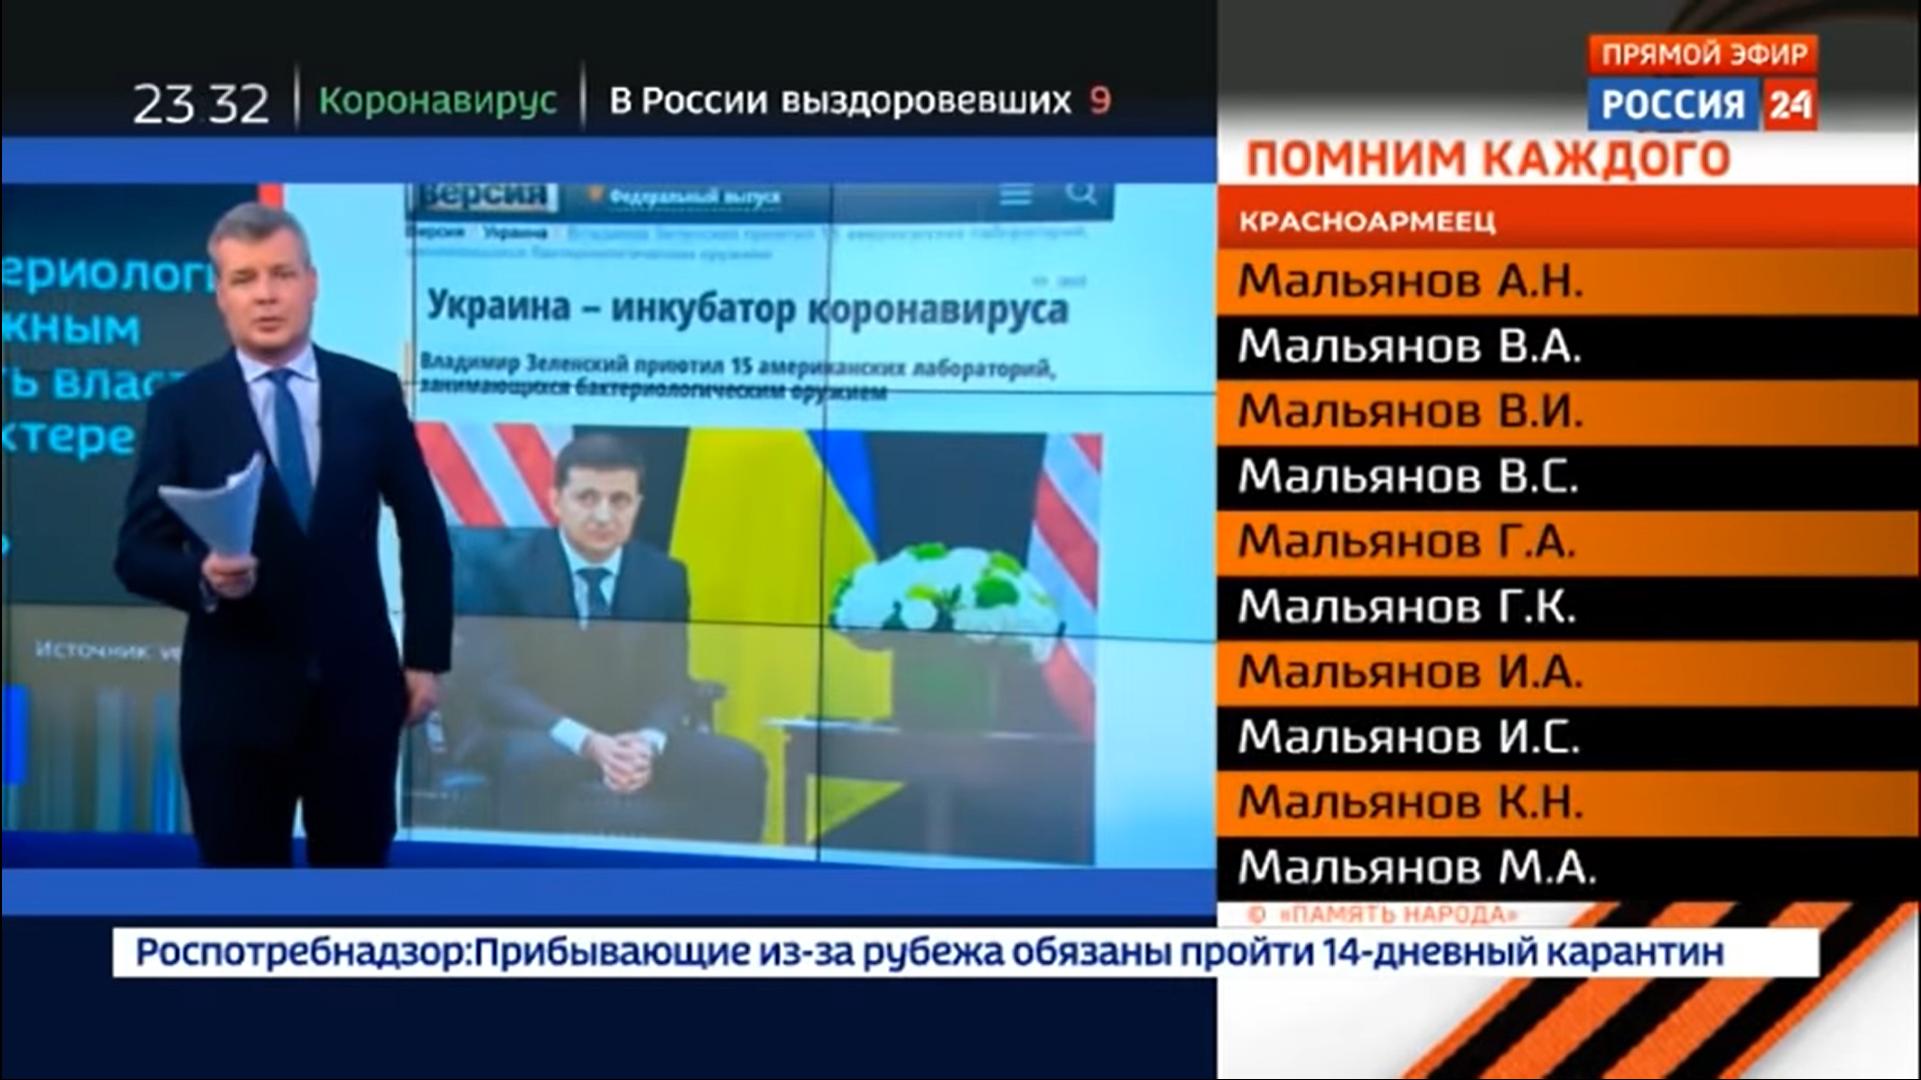 """Чергова хвиля інформаційної кампанії про """"секретні лабораторії США в Україні"""" почалася з  РФ - ІМІ 2"""